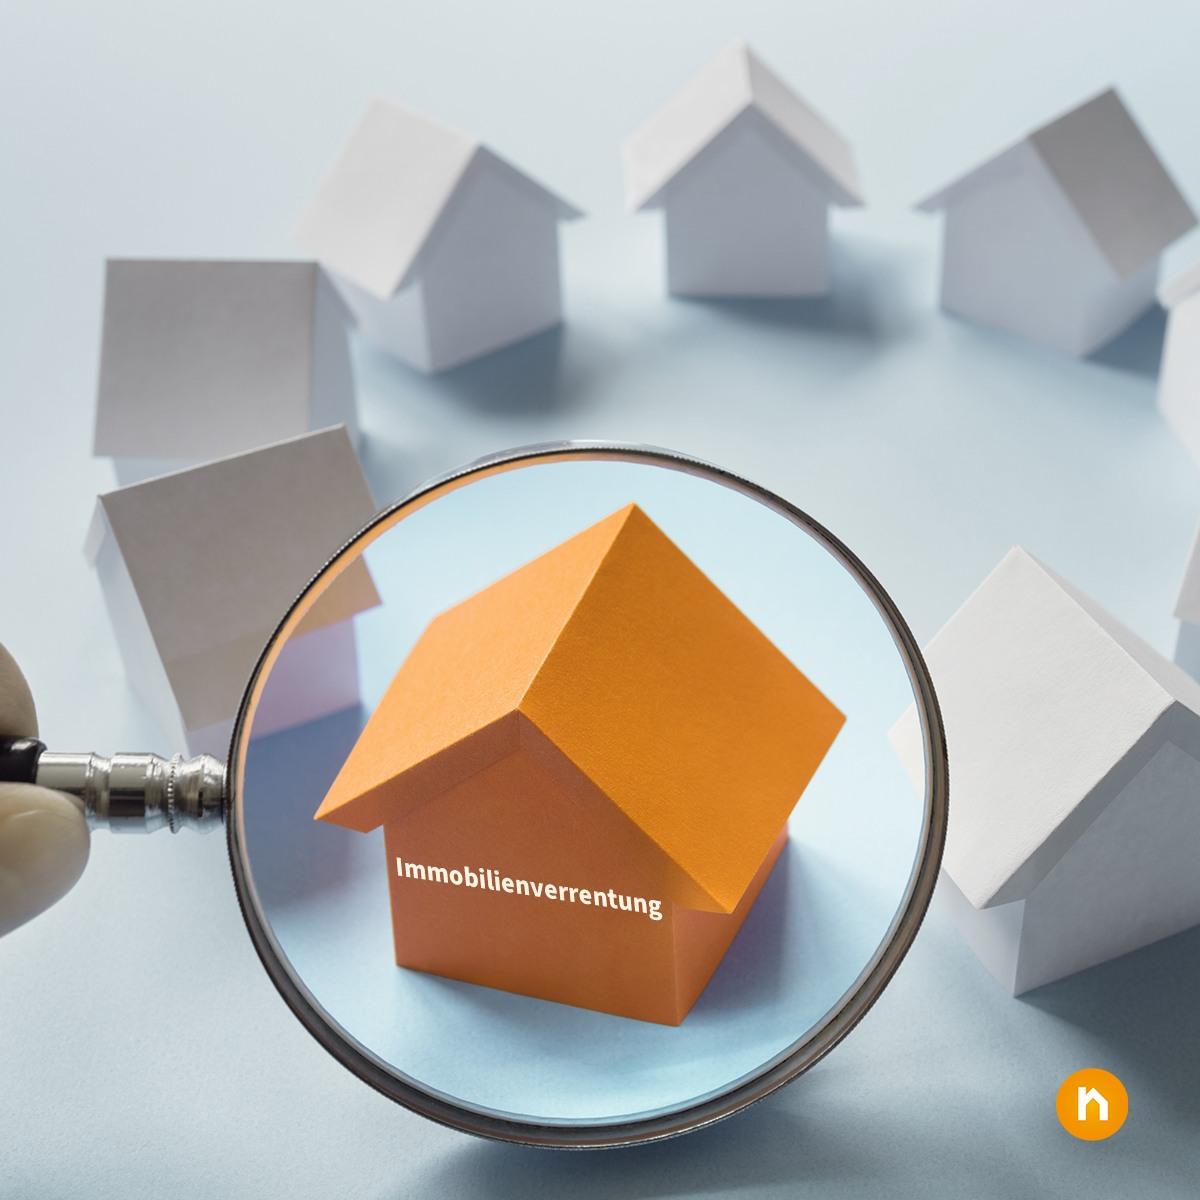 Immobilienverrentung definiert den Zyklus von Immobilien in Deutschland neu